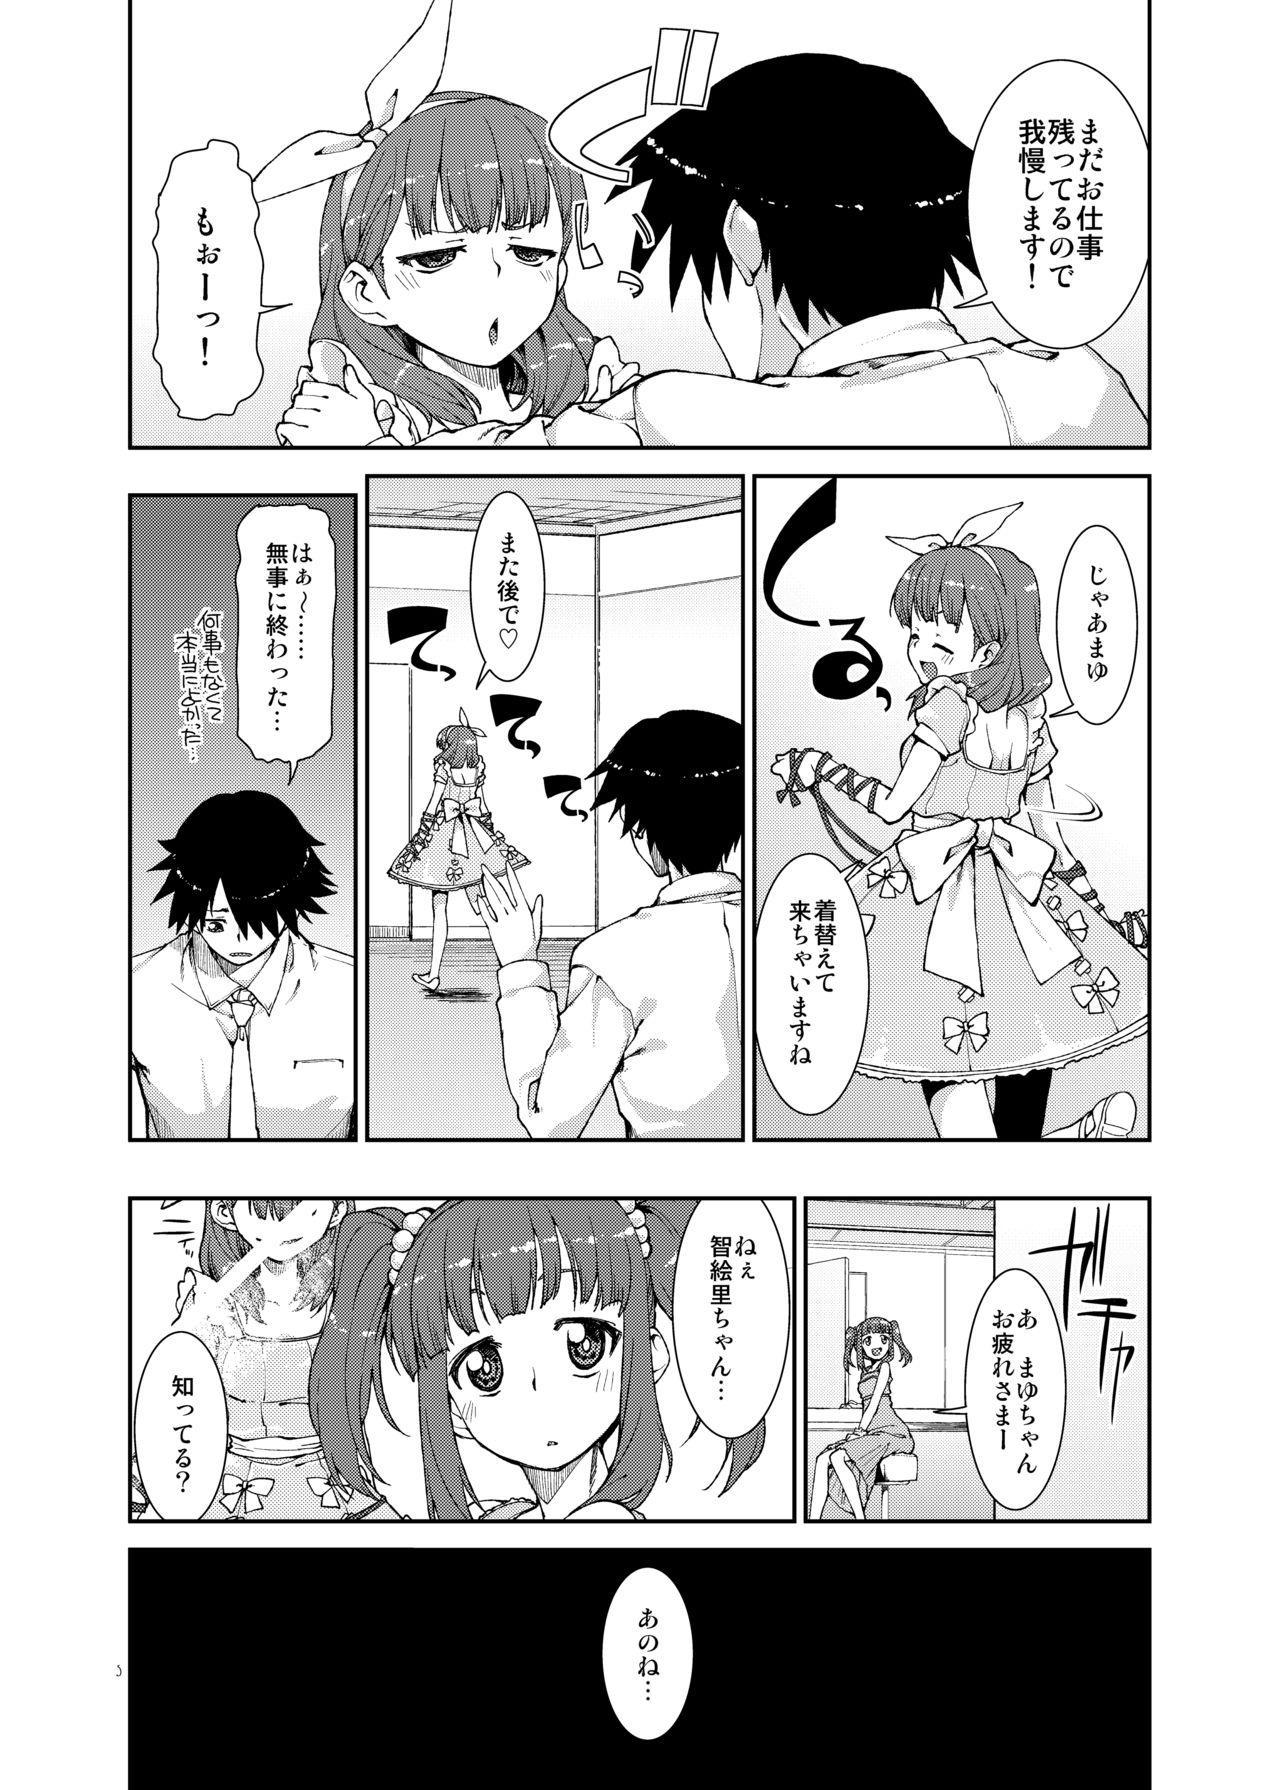 Sekai de Ichiban Aishitemasu yo ne? 5